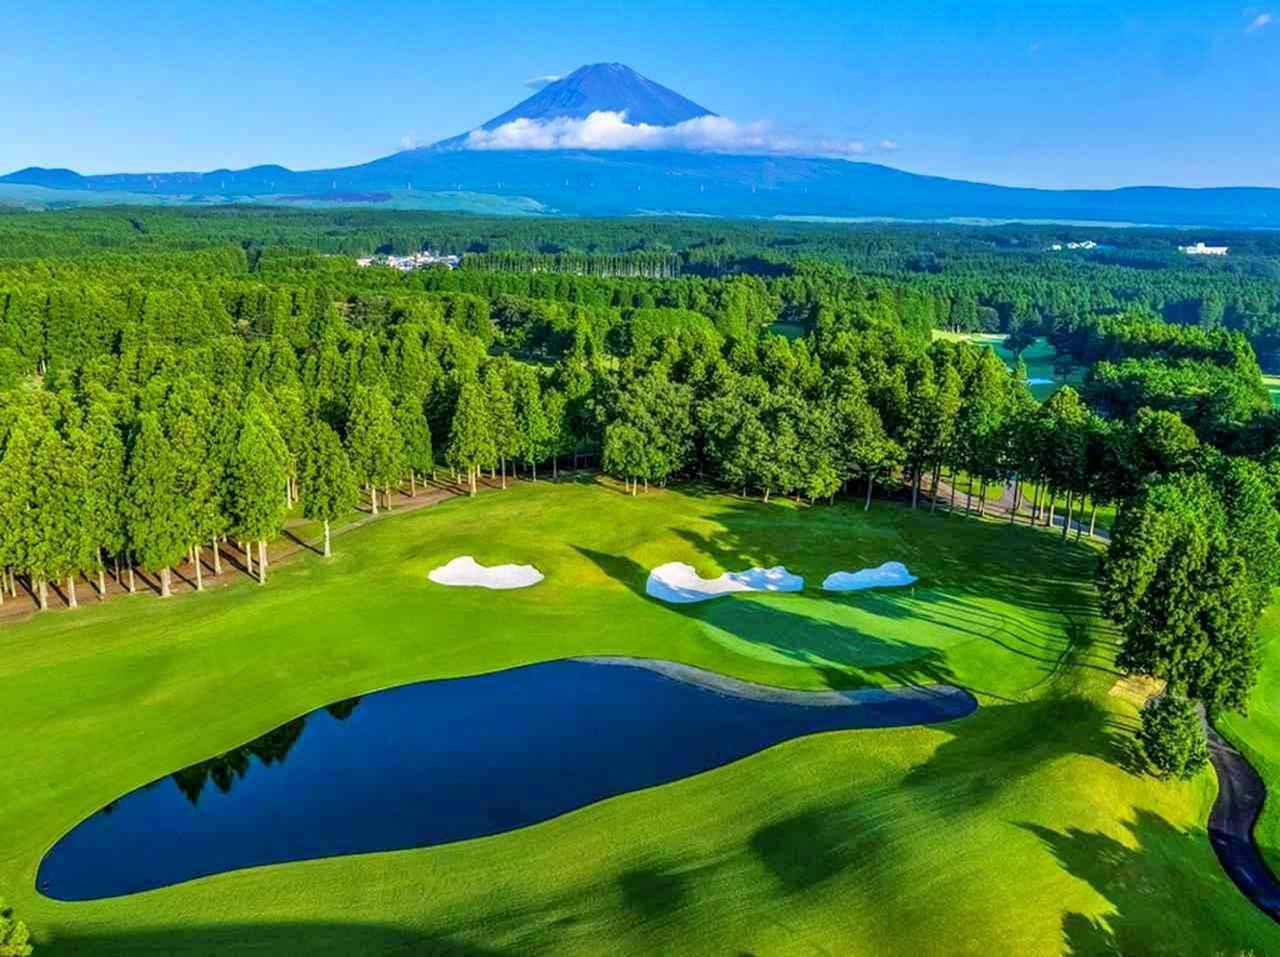 画像: 太平洋クラブ 太平洋クラブ御殿場コース(静岡)